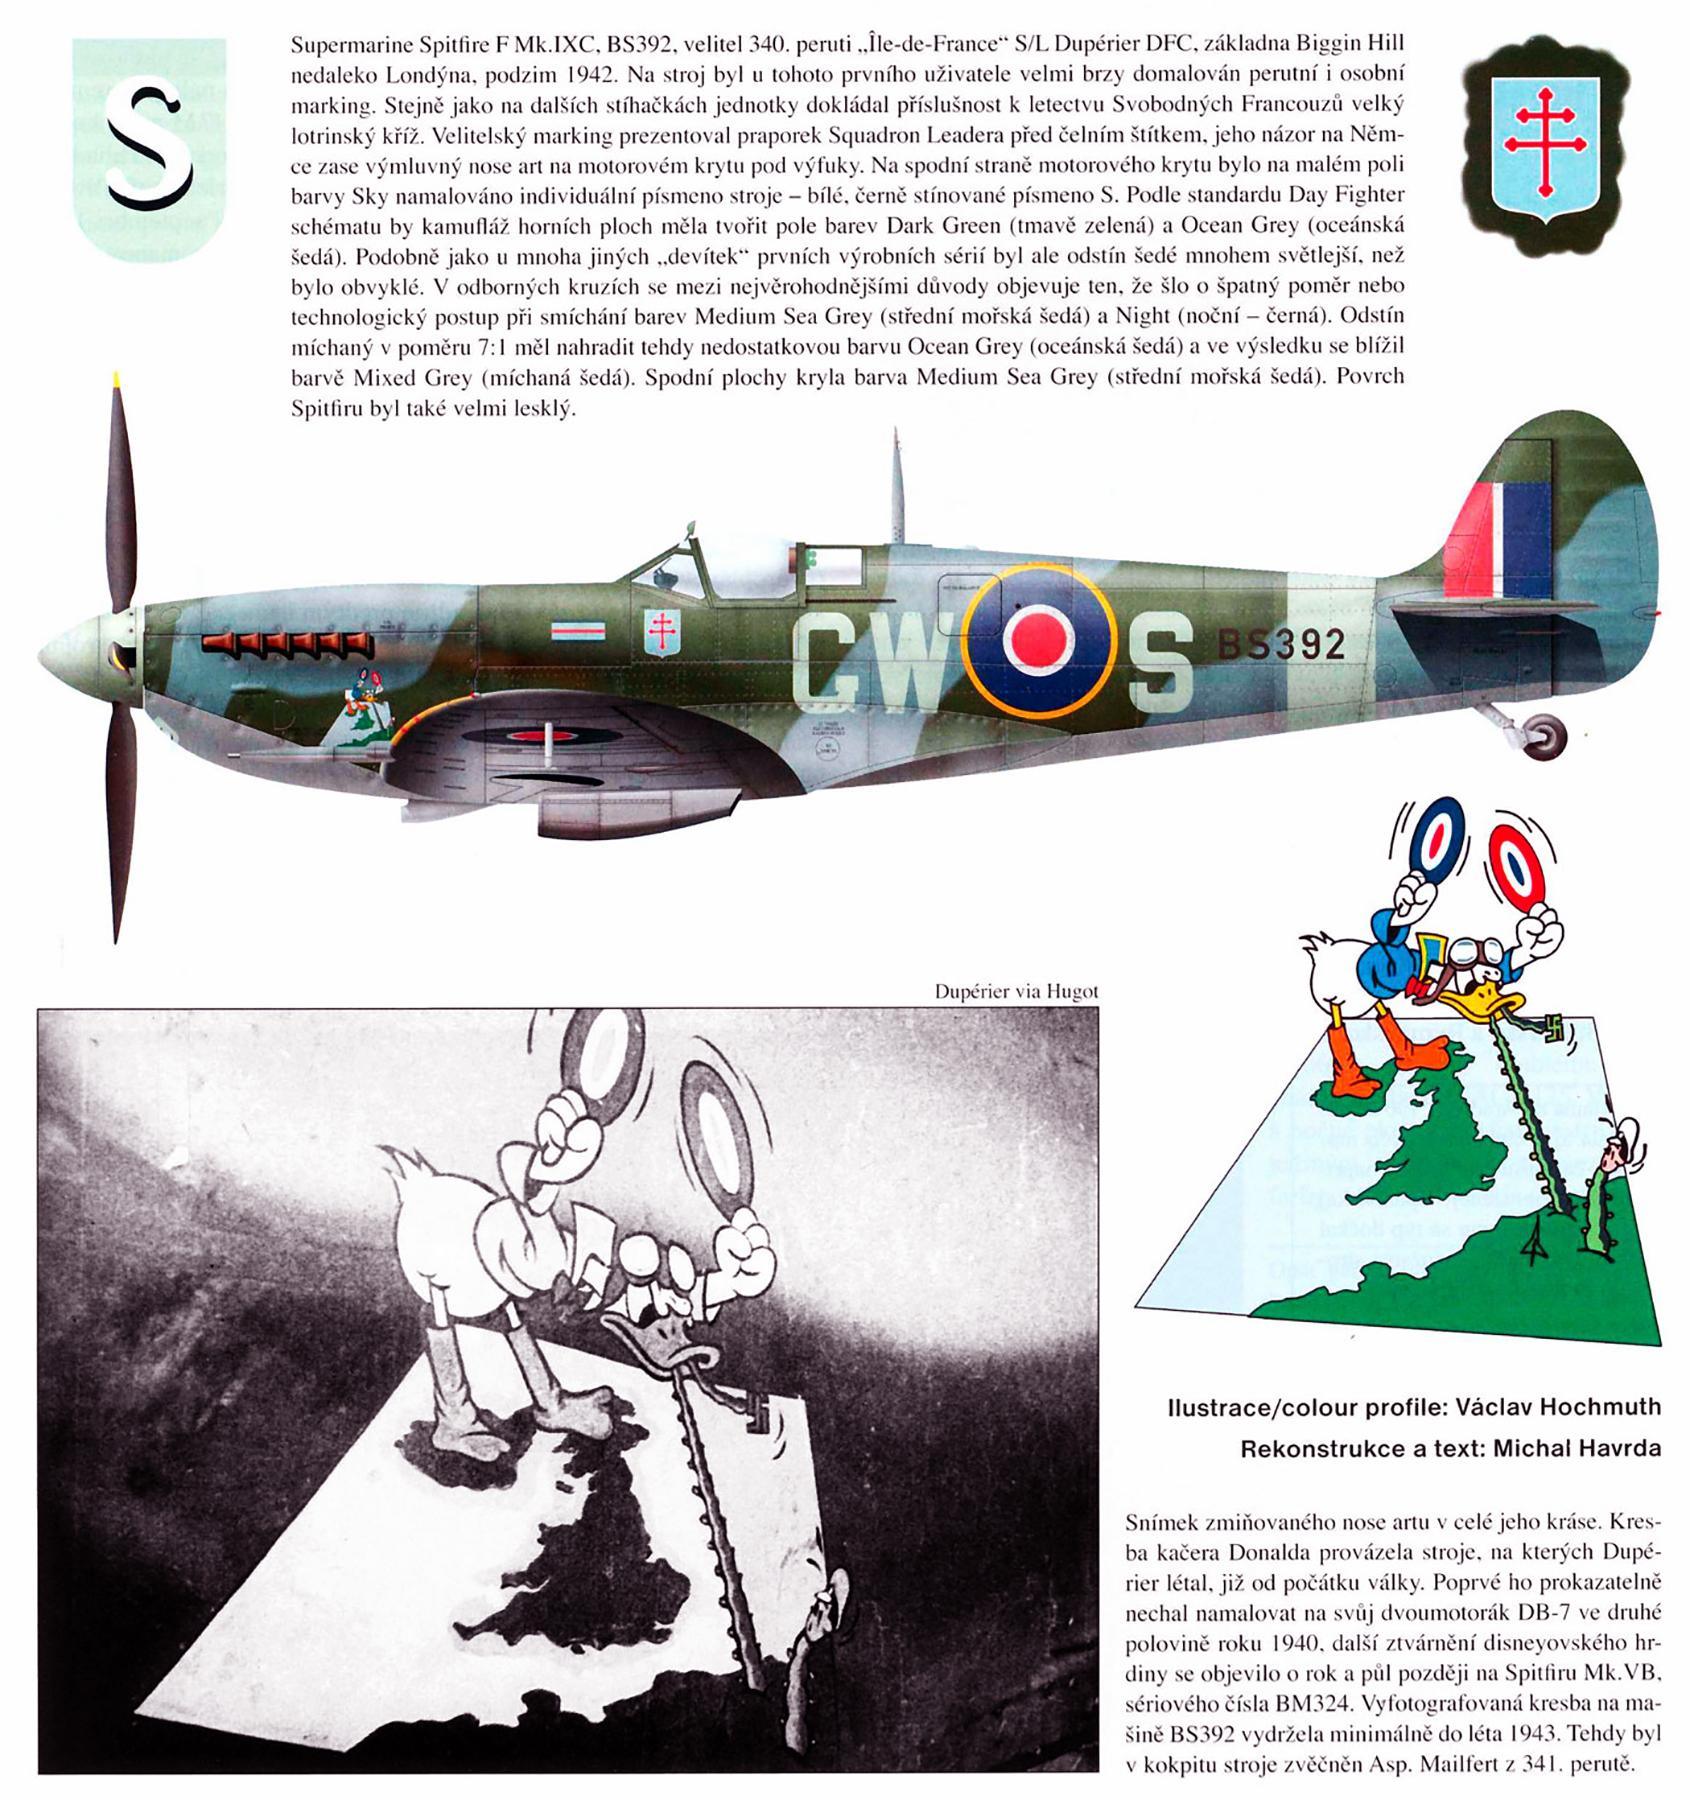 Spitfire MkIXc RAF 340Sqn GWS Bernard Duperier BM324 England 1942 0A